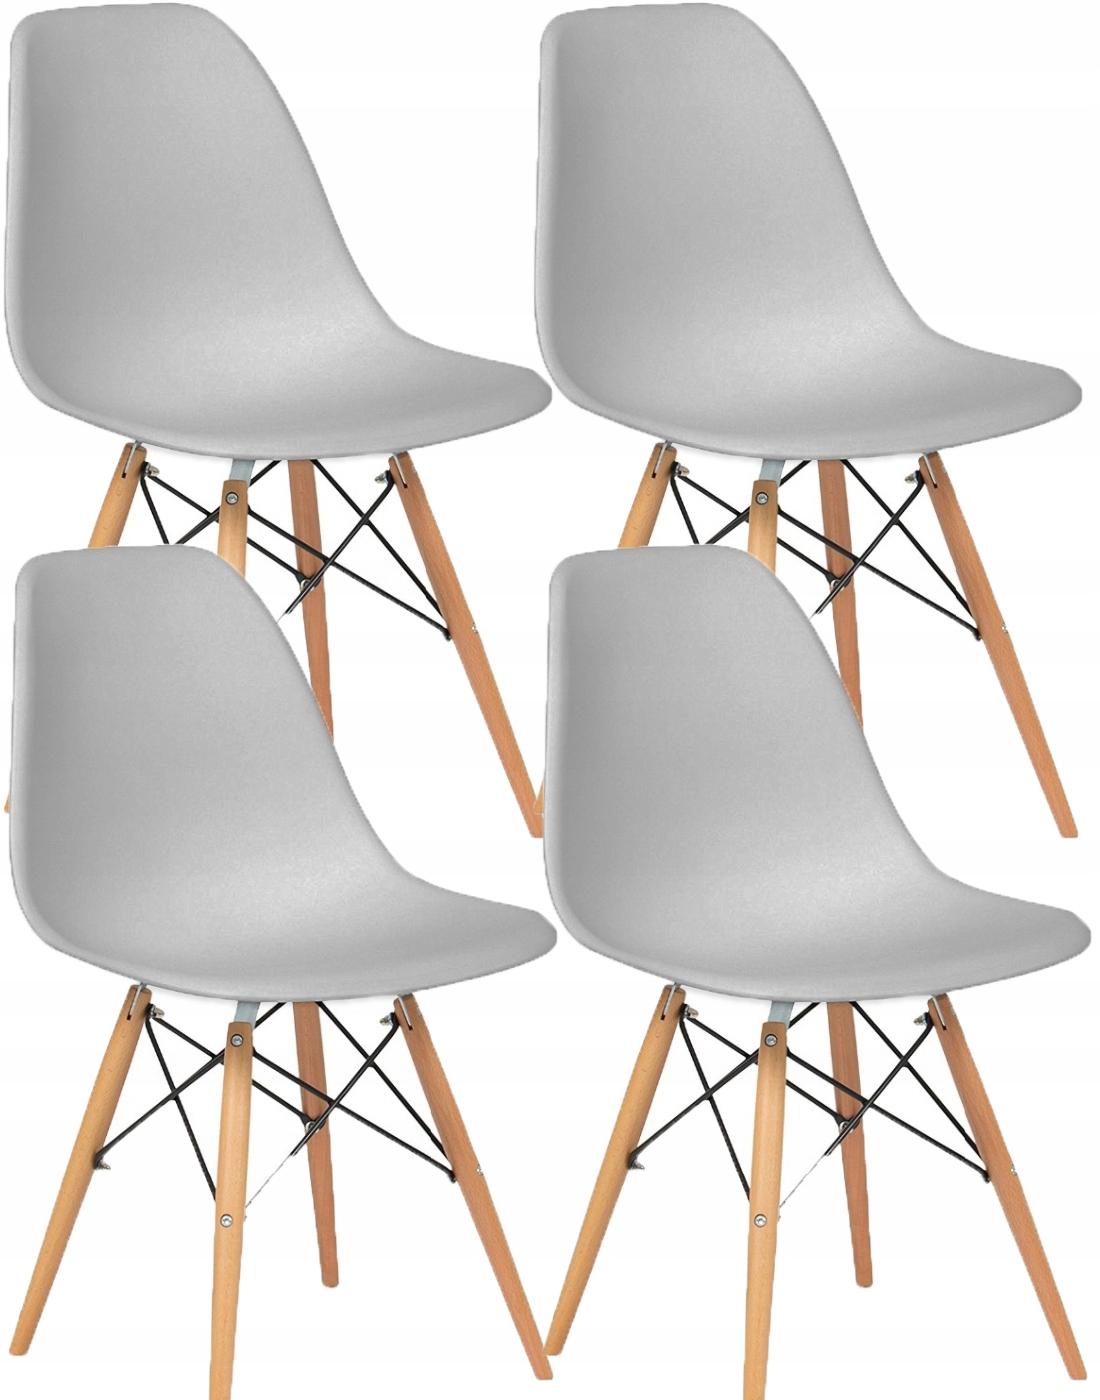 4x Sivá DSW Stoličky Biele Plastové Interiérové Jadaln